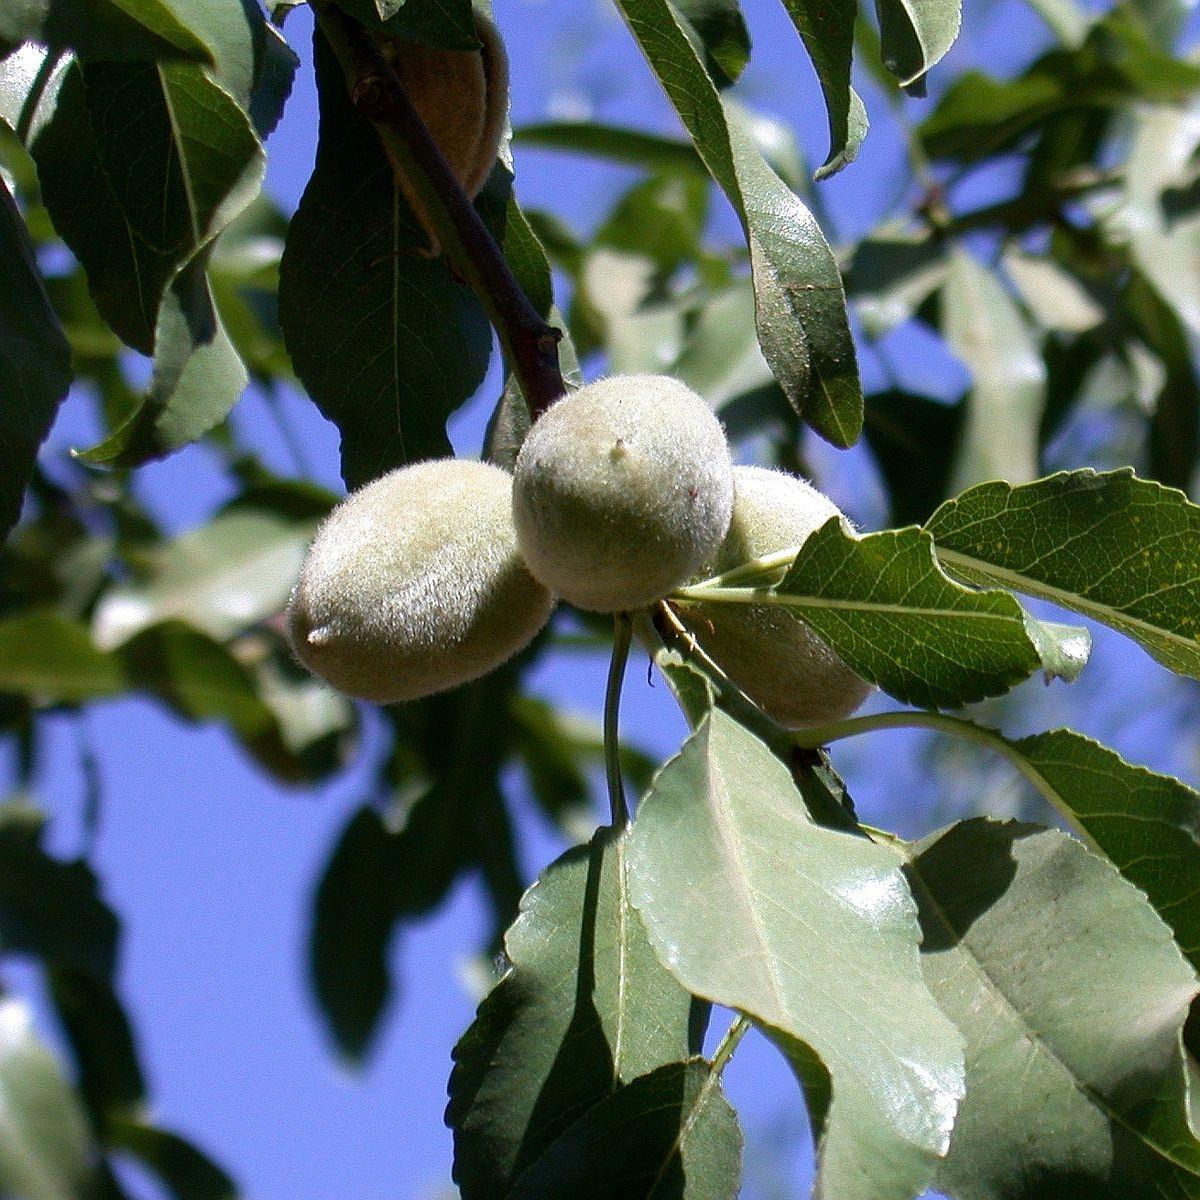 Mandelbaum im Garten pflanzen und pflegen